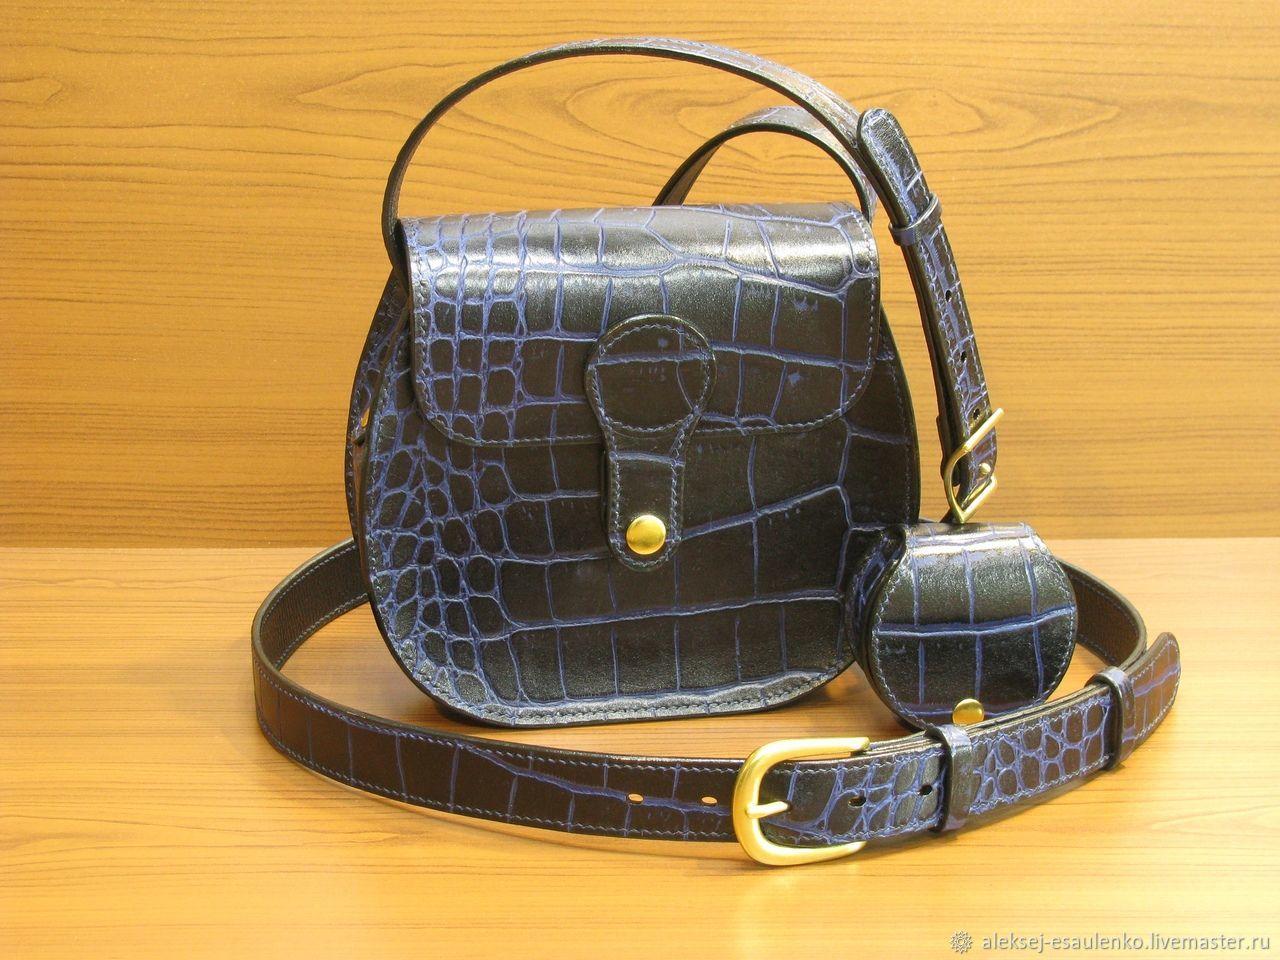 6e9f1daf6887 Женские сумки ручной работы. Ярмарка Мастеров - ручная работа. Купить  Комплект 'Полярный Крокодил ...